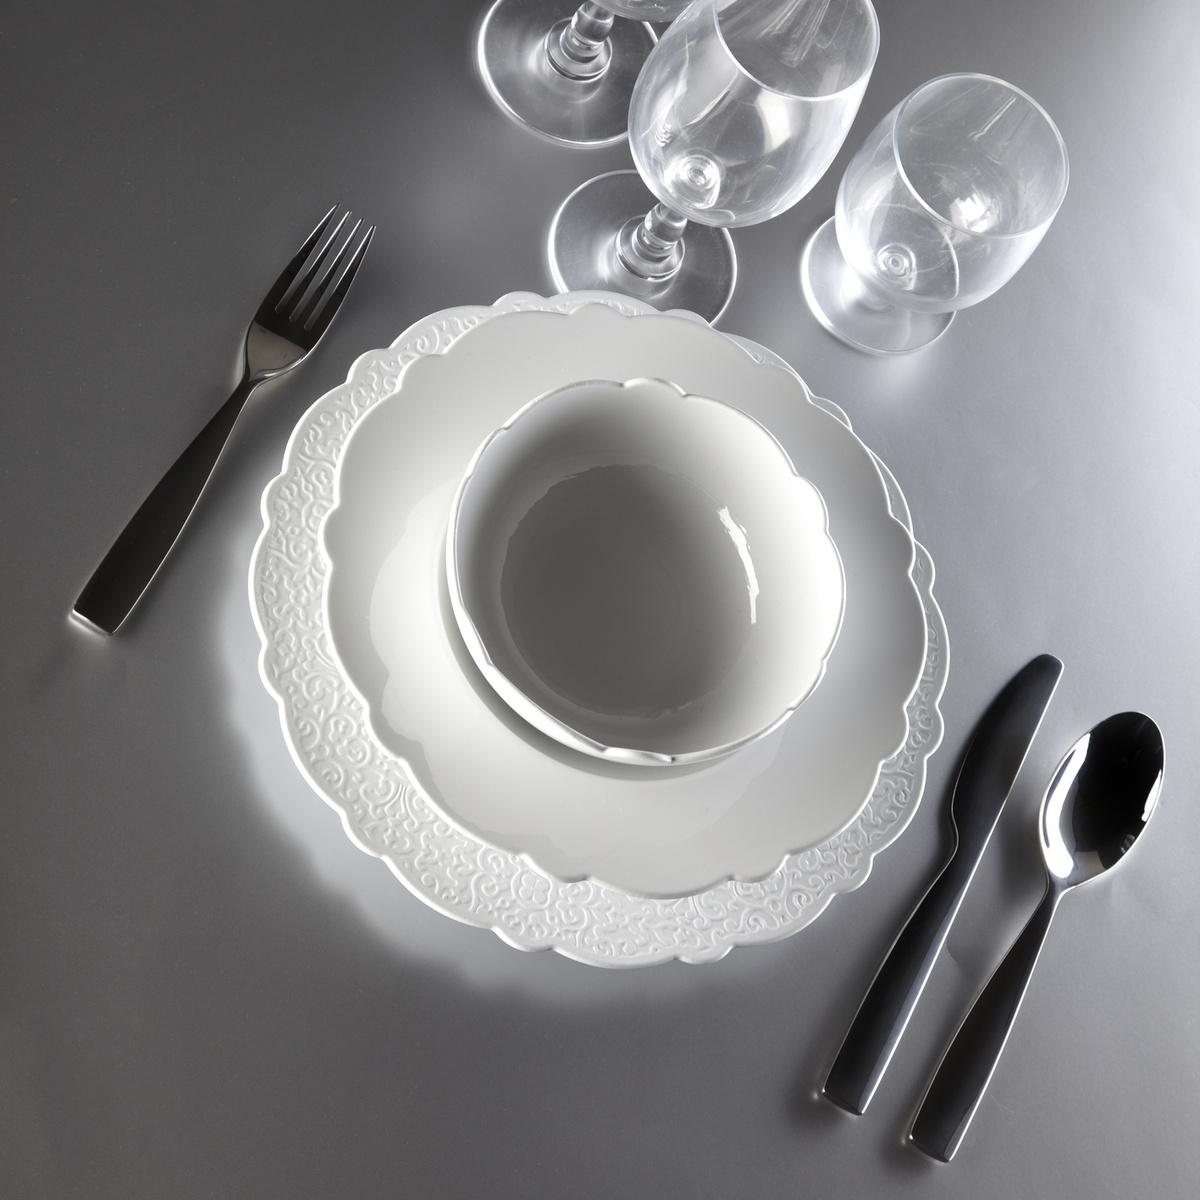 Alessi Miska Dressed 530 ml, pr. 15 cm, bílá